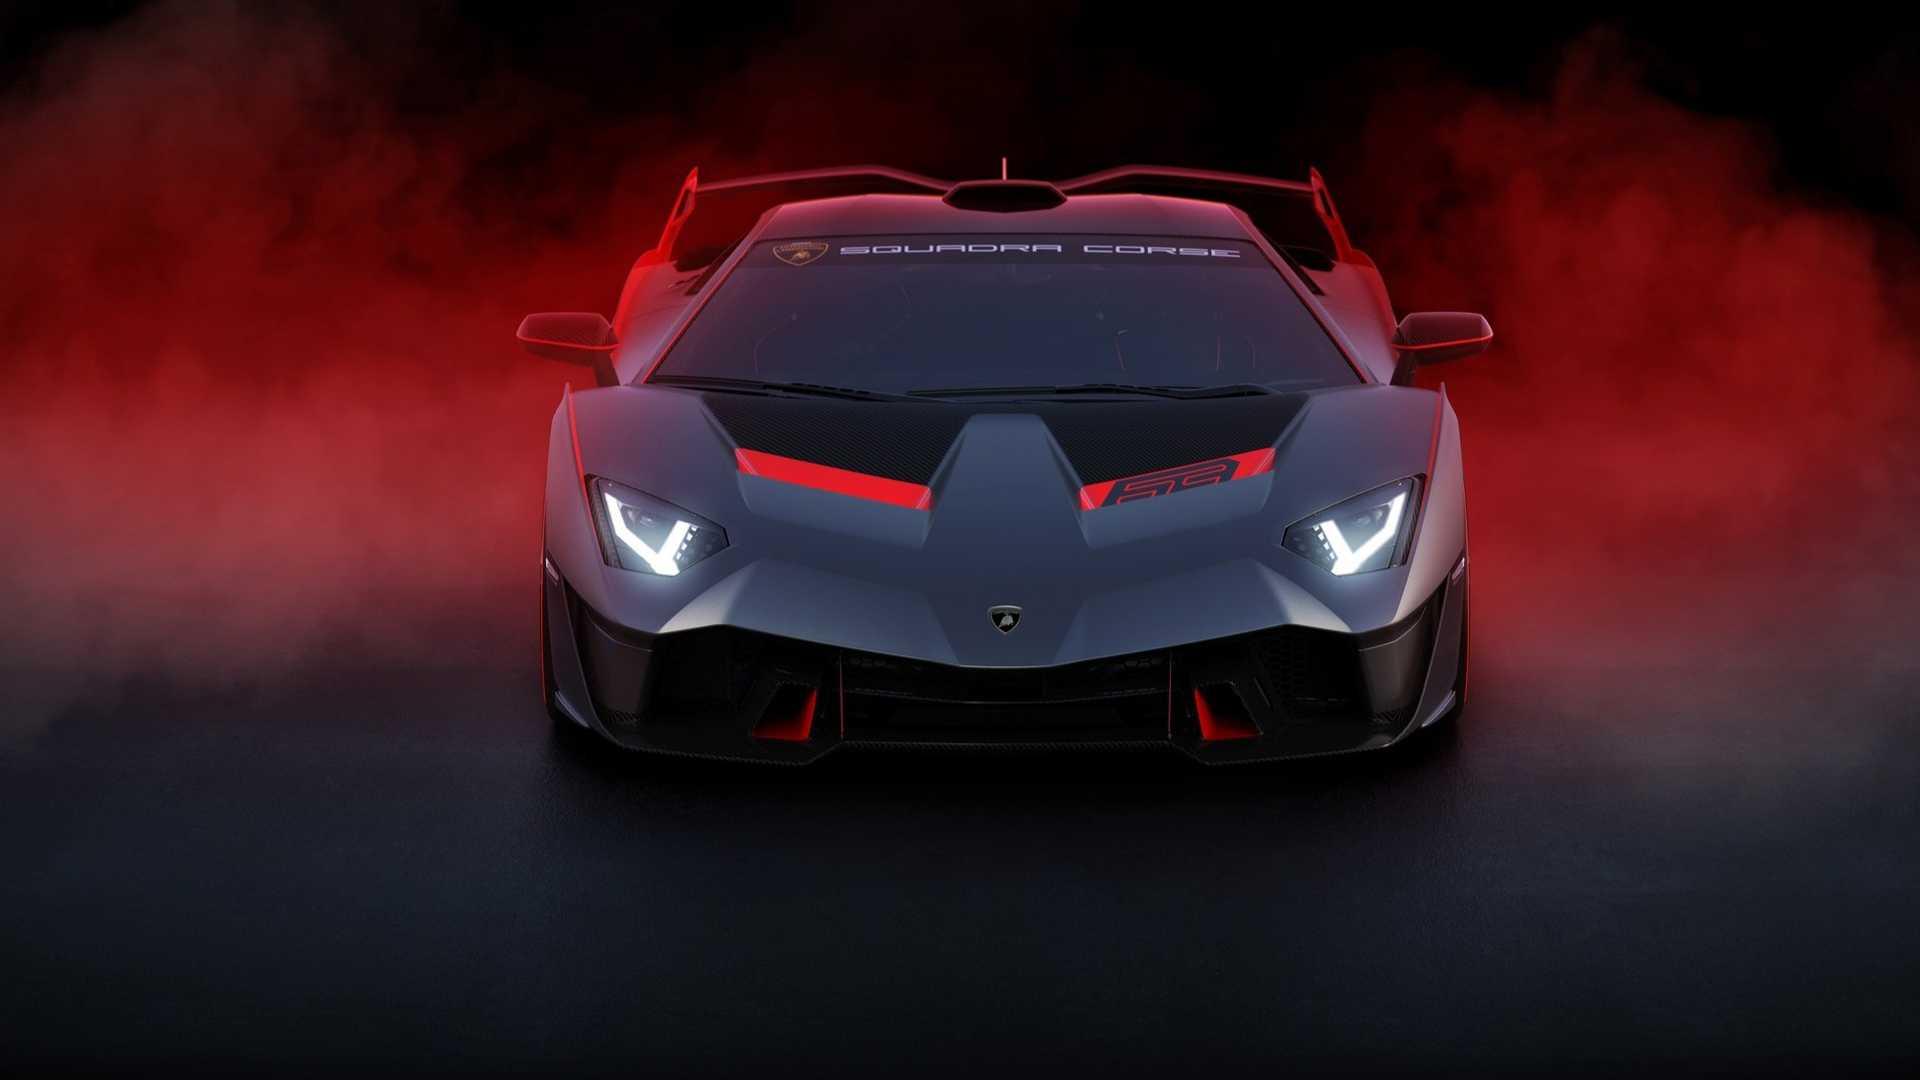 Lamborghini превратила Aventador в уникальный SC18 1